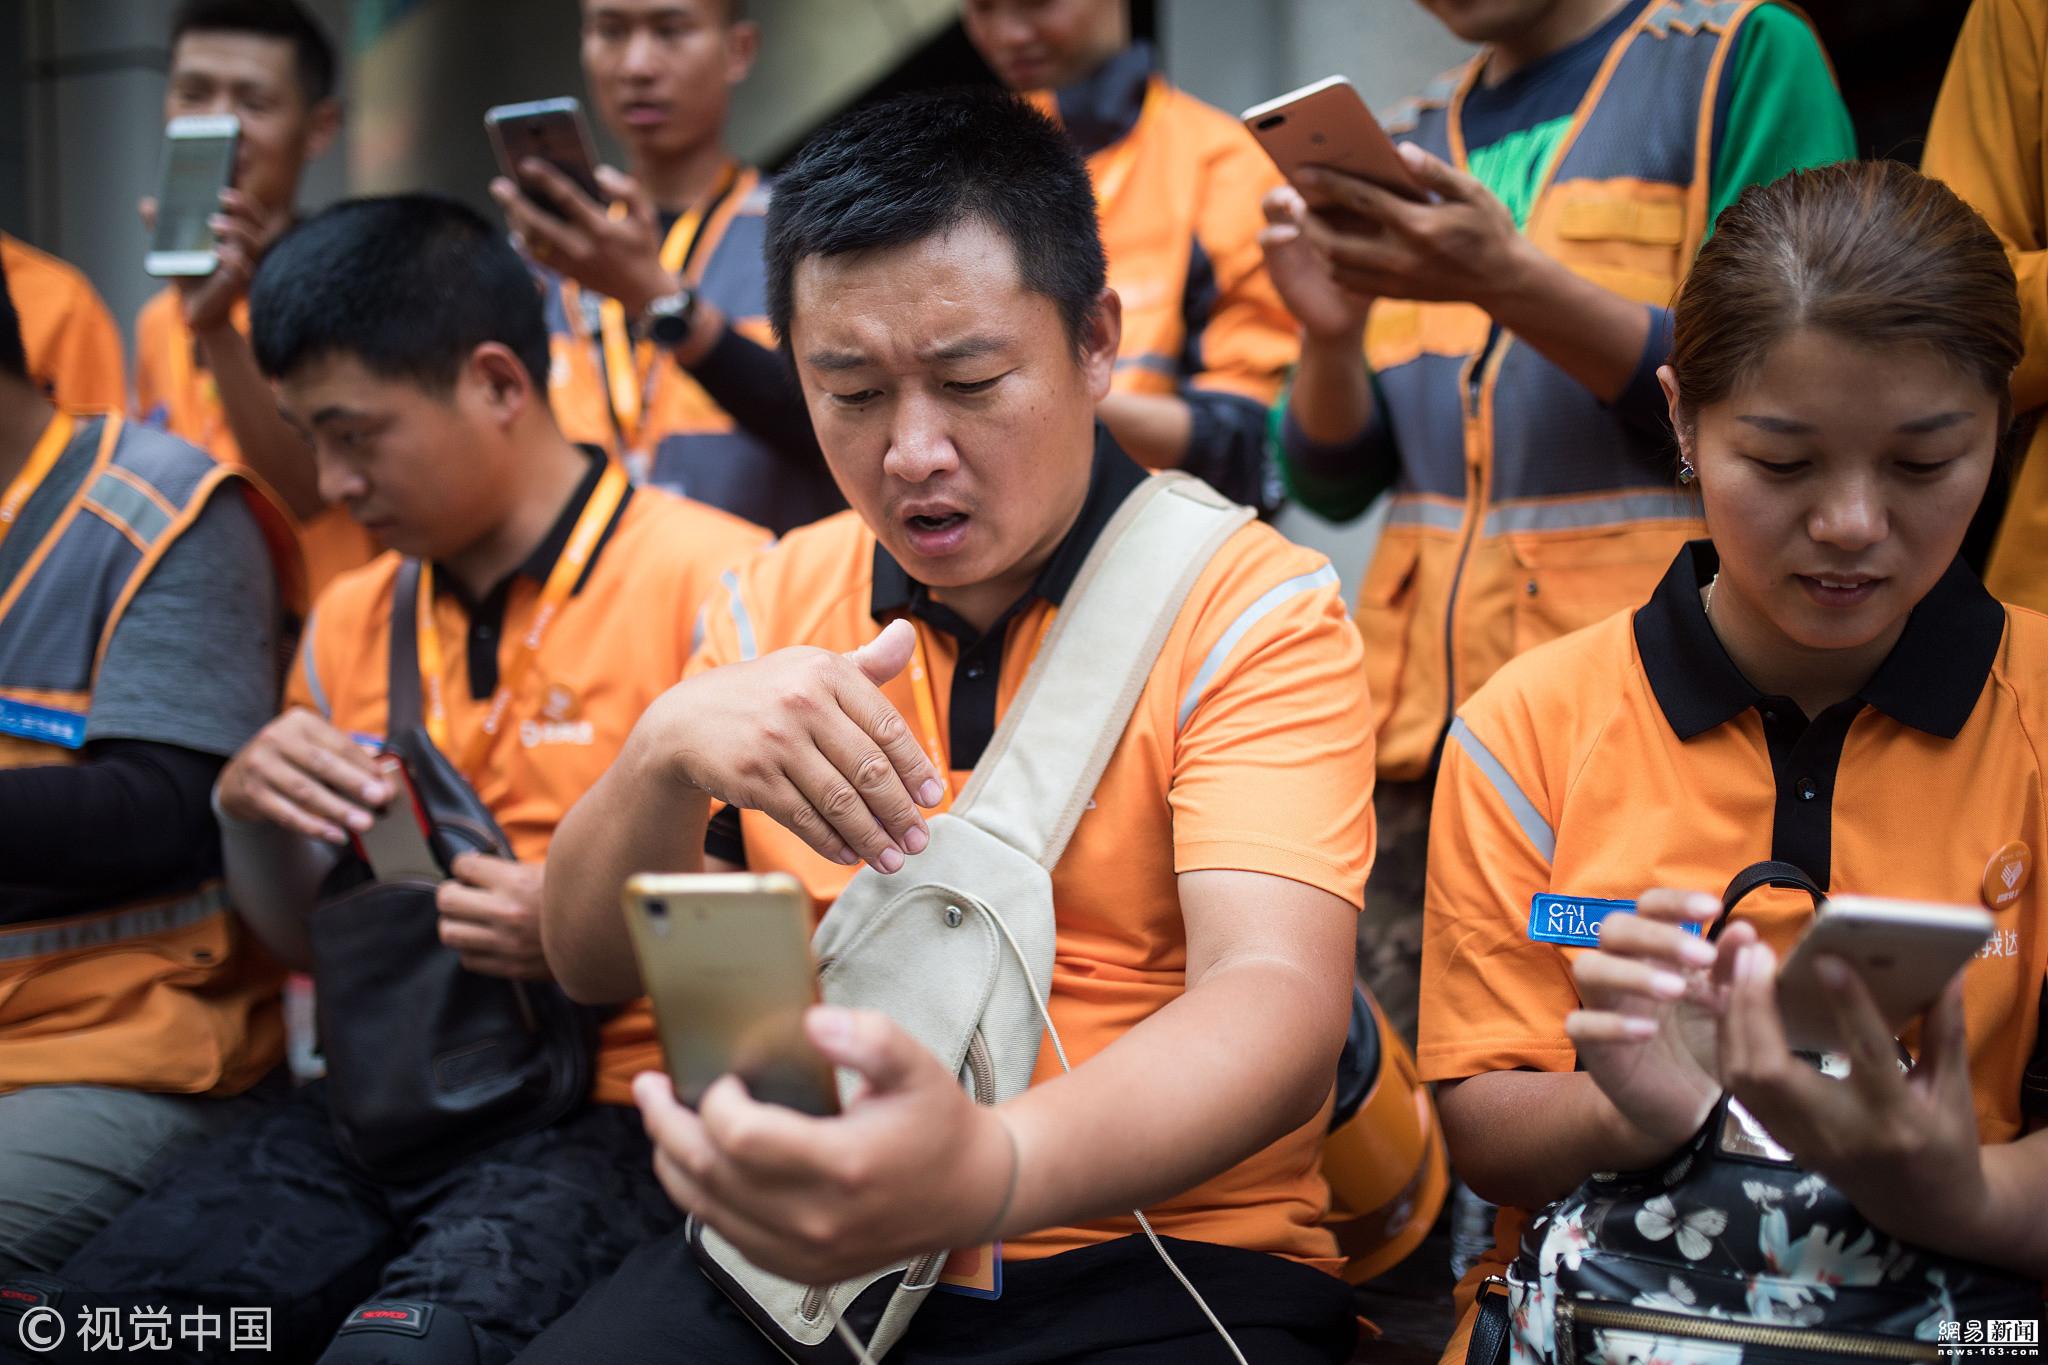 山东:聋哑人当骑手零差评 赚的比正常人多